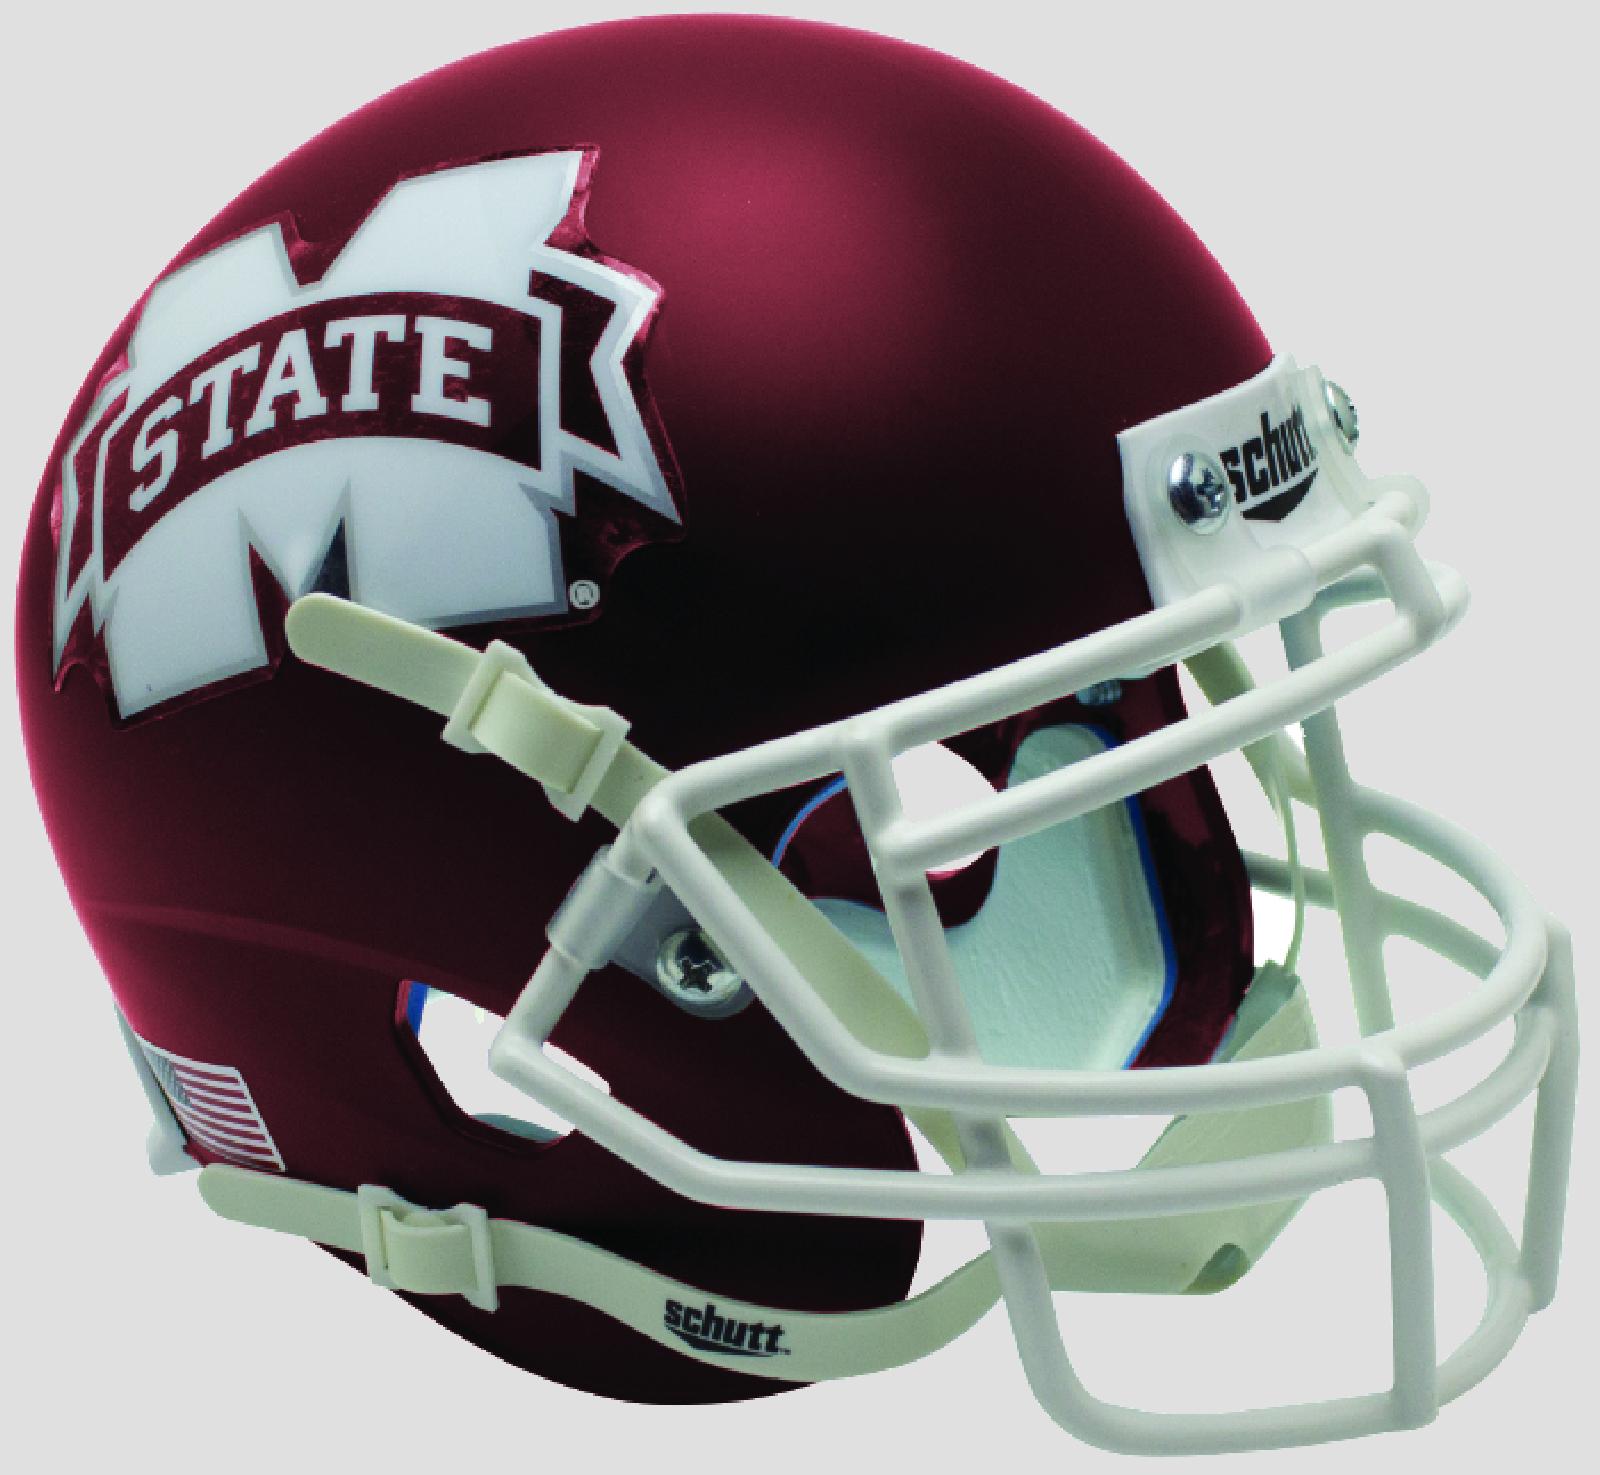 Mississippi State Bulldogs Authentic College XP Football Helmet Schutt <B>Satin Maroon</B>